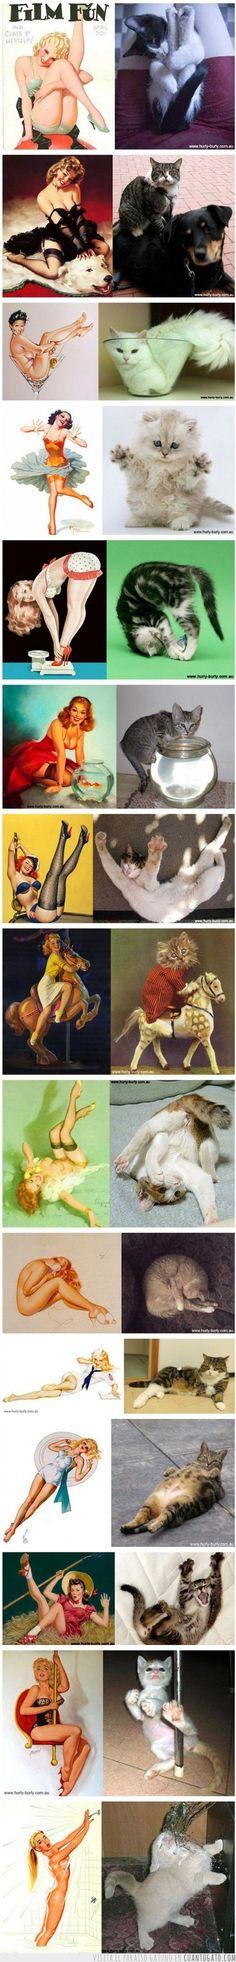 18153 - Lo que las chicas hacen, los gatos lo pueden hacer mejor